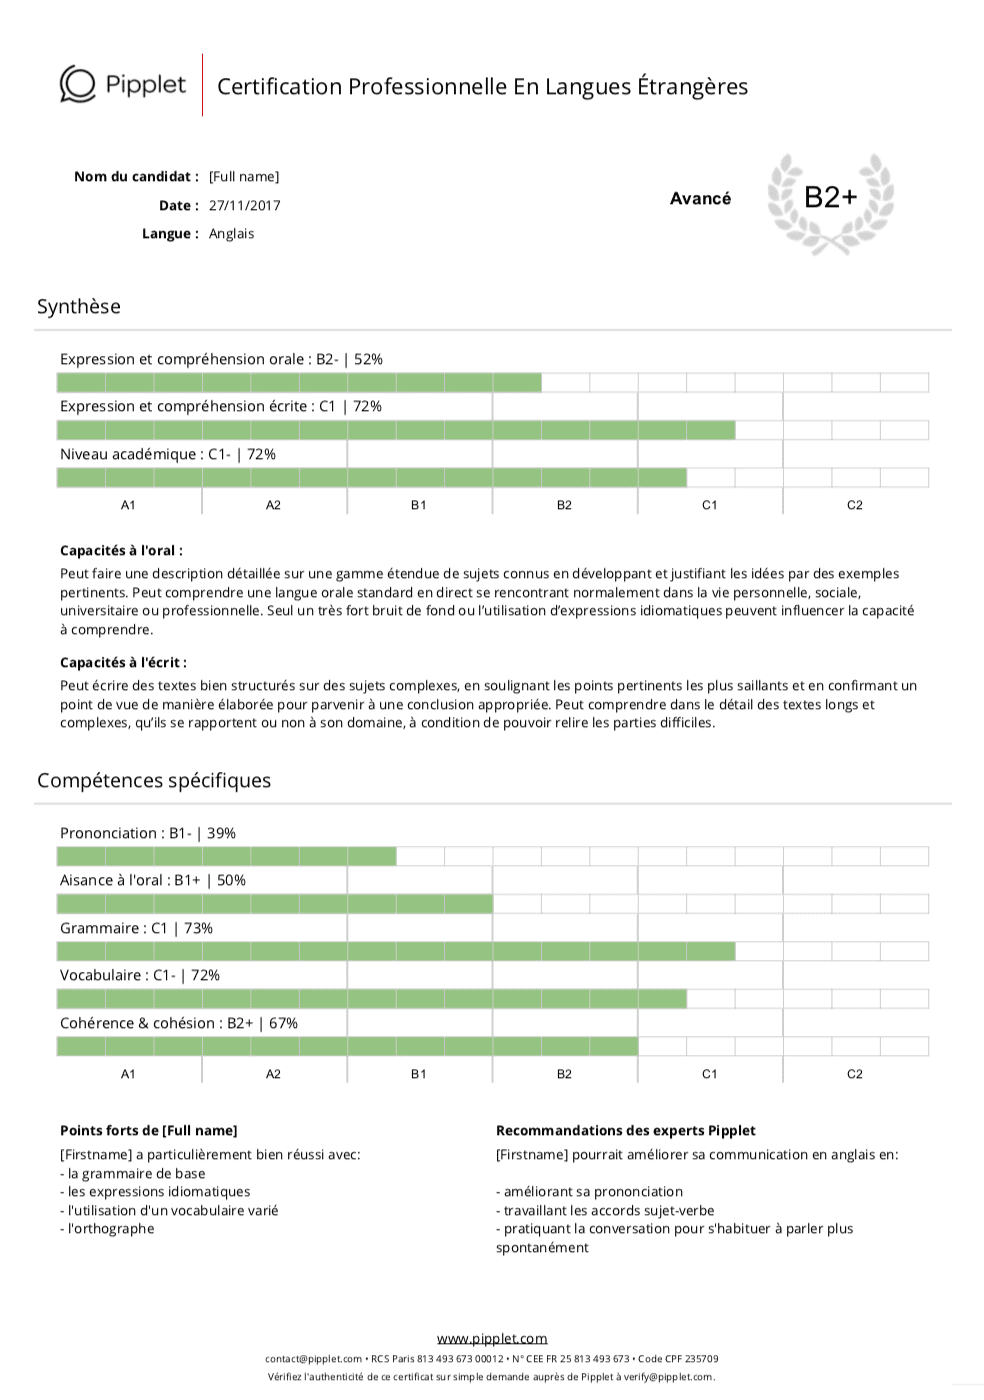 Pipplet, une validation de compétences rapide et efficace